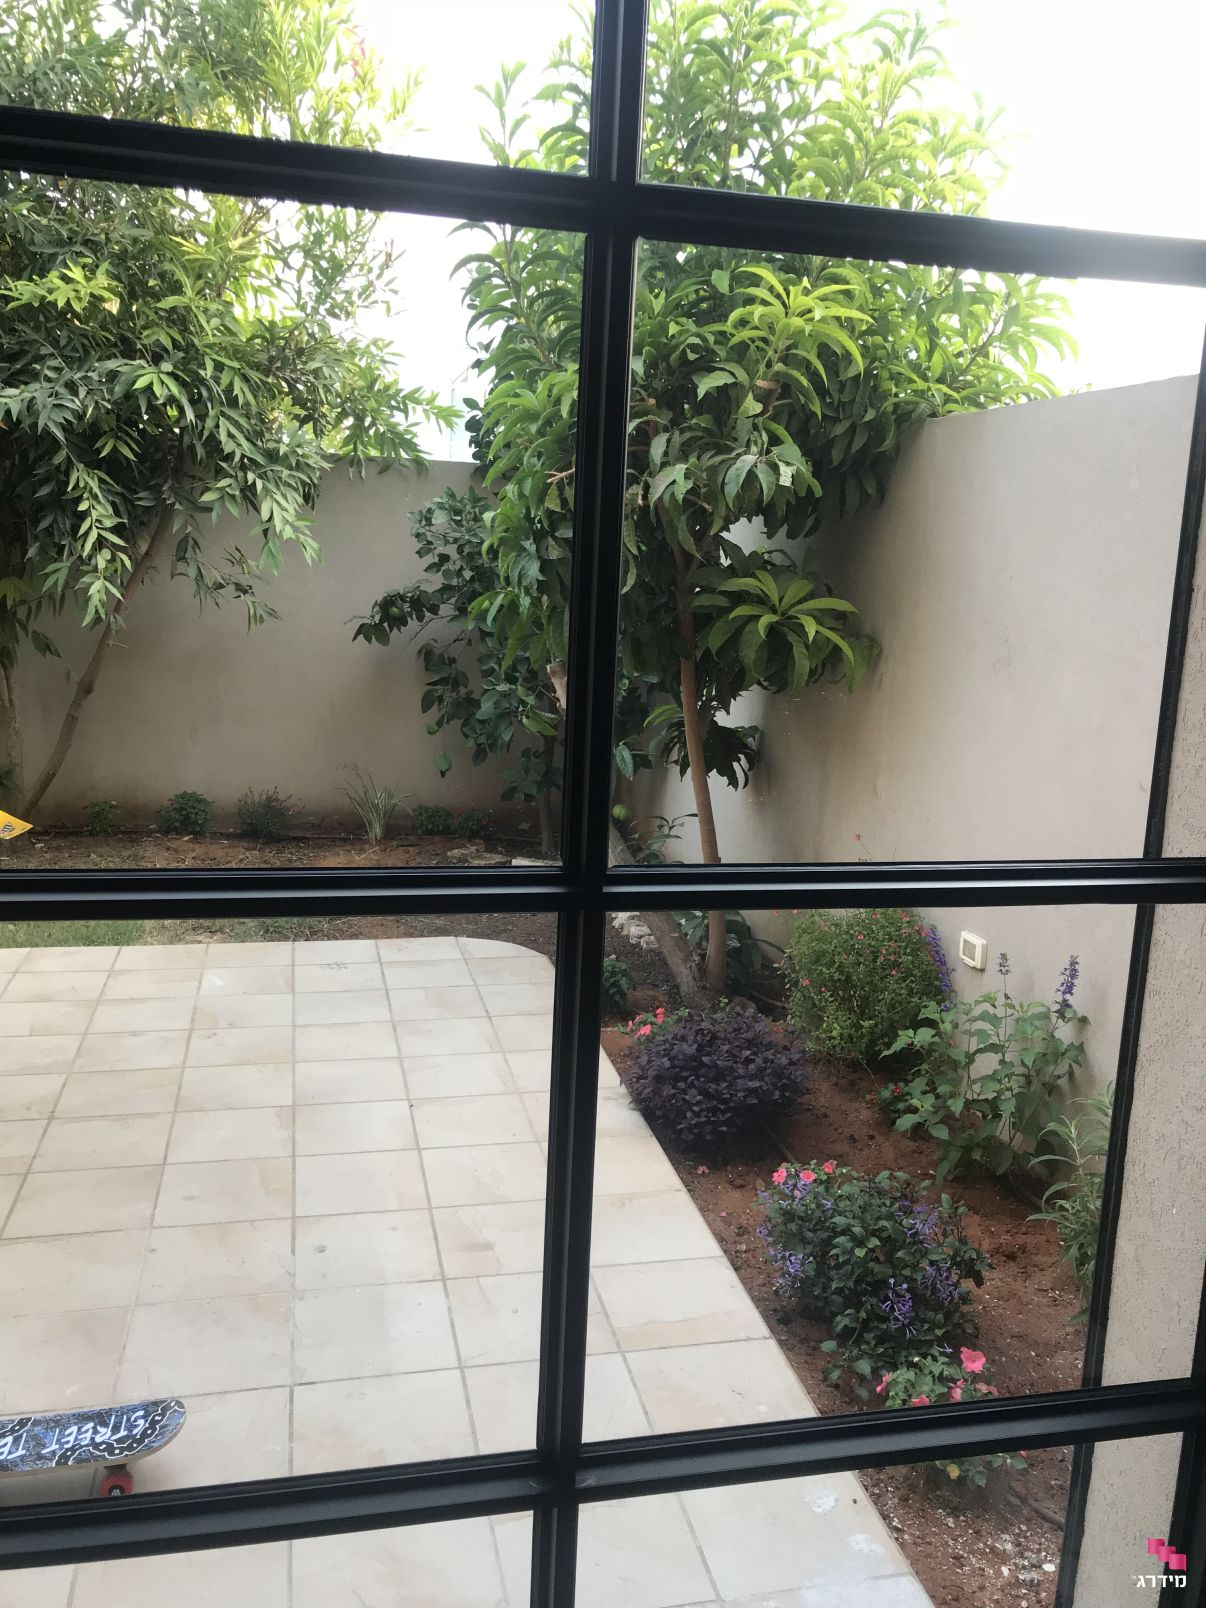 גינה מבעד לחלון | מחיר התקנת מערכת השקיה